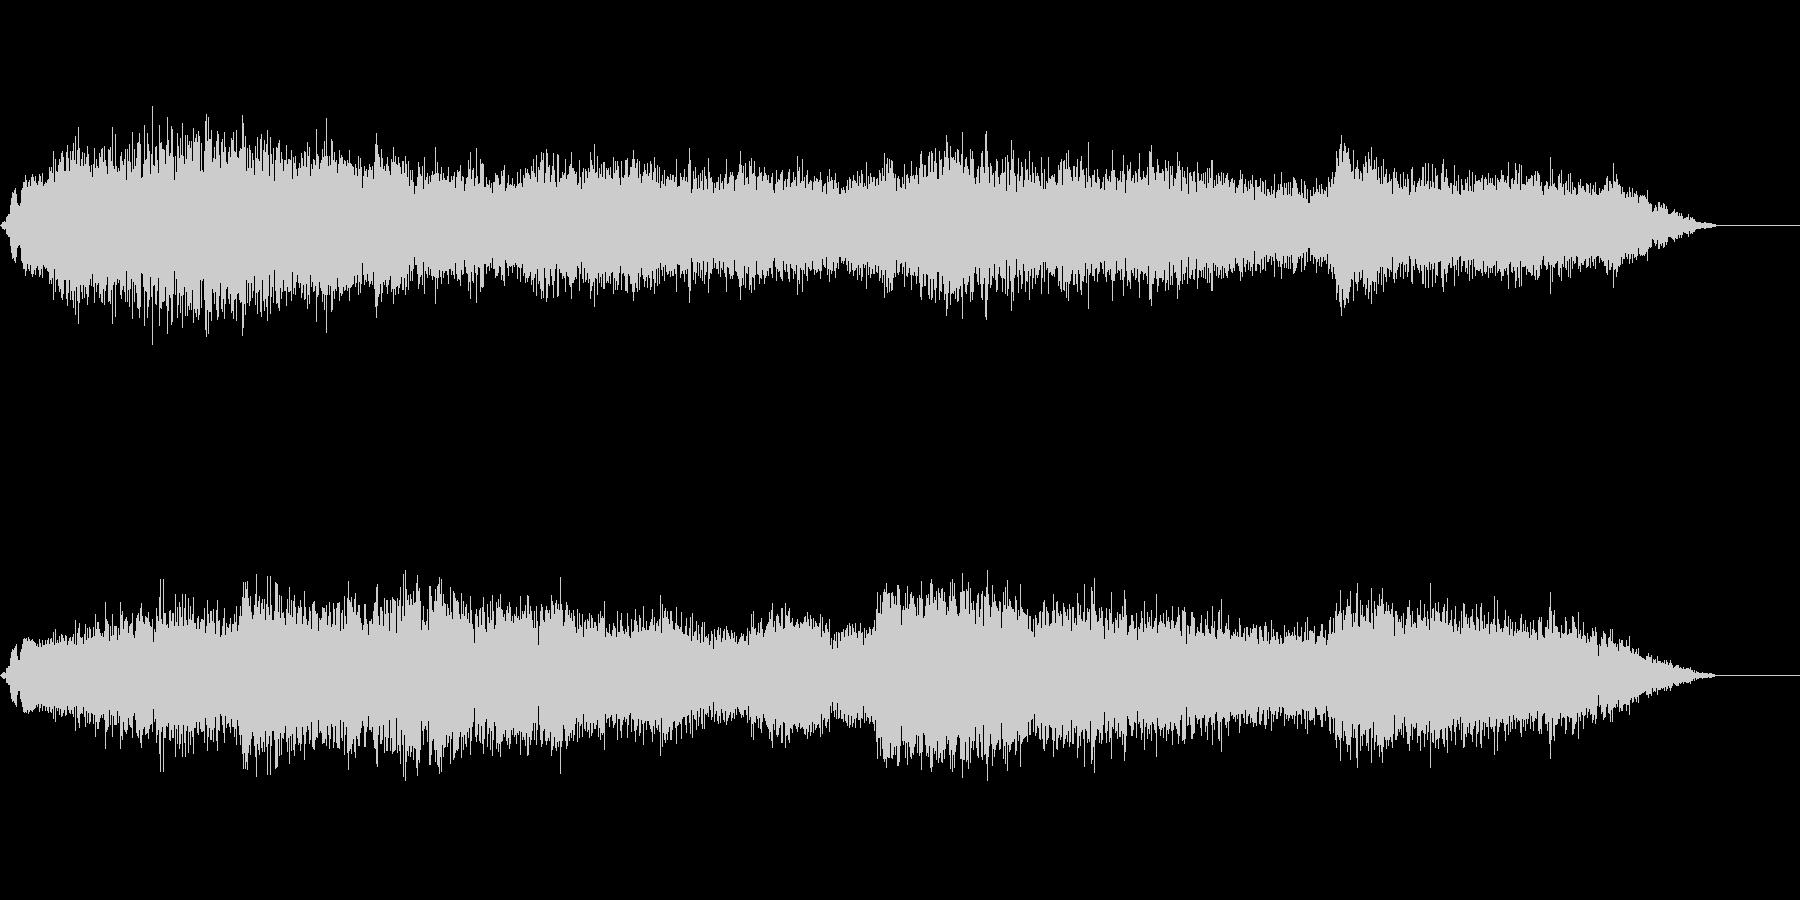 兵士の進撃の閧の声の未再生の波形